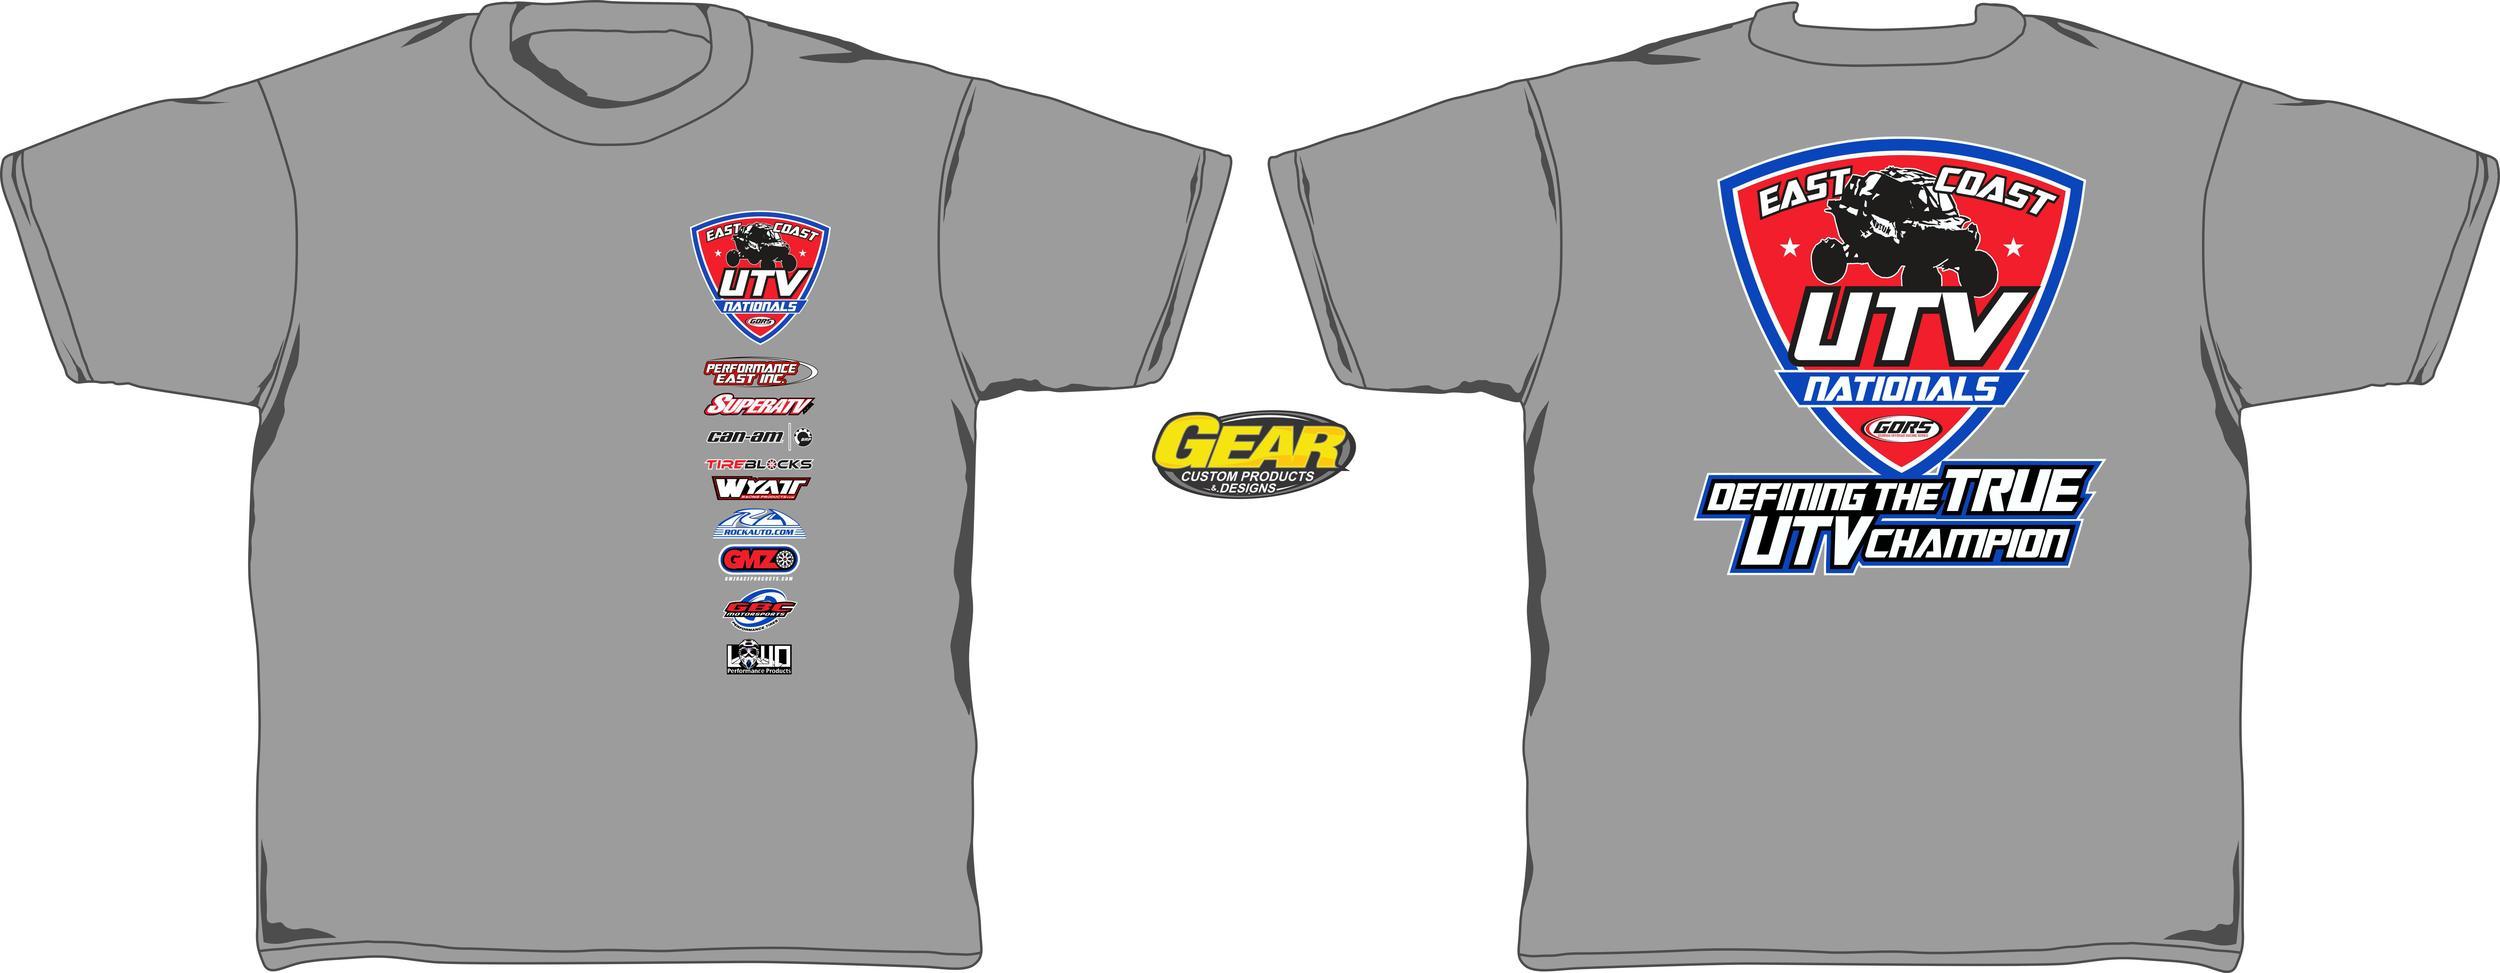 Click now to order you East Coast UTV Shirt!